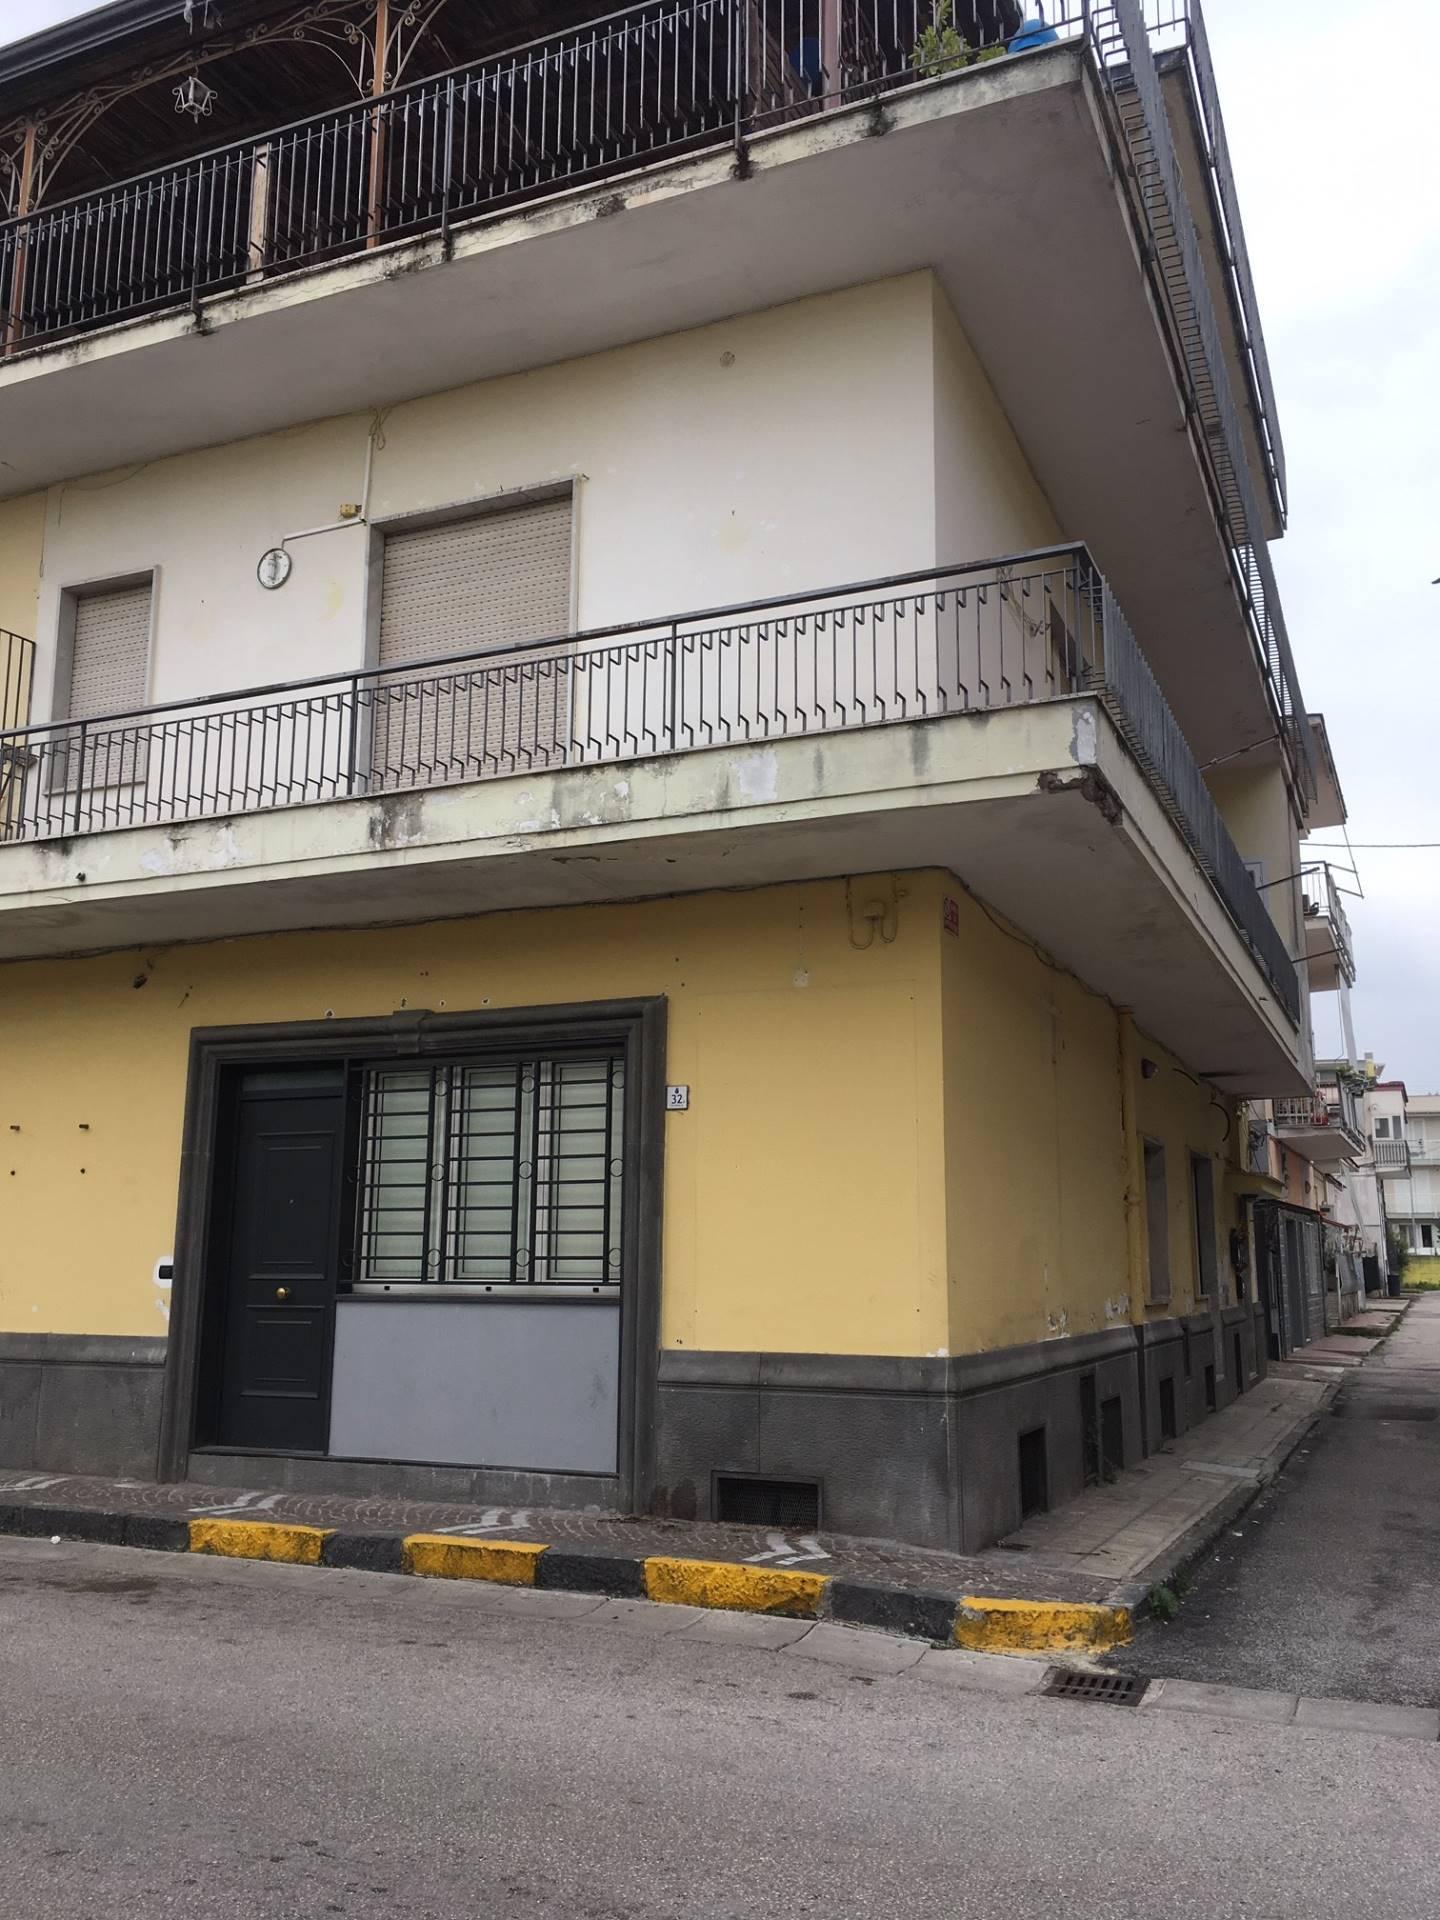 Soluzione Semindipendente in vendita a Mariglianella, 3 locali, prezzo € 140.000 | CambioCasa.it